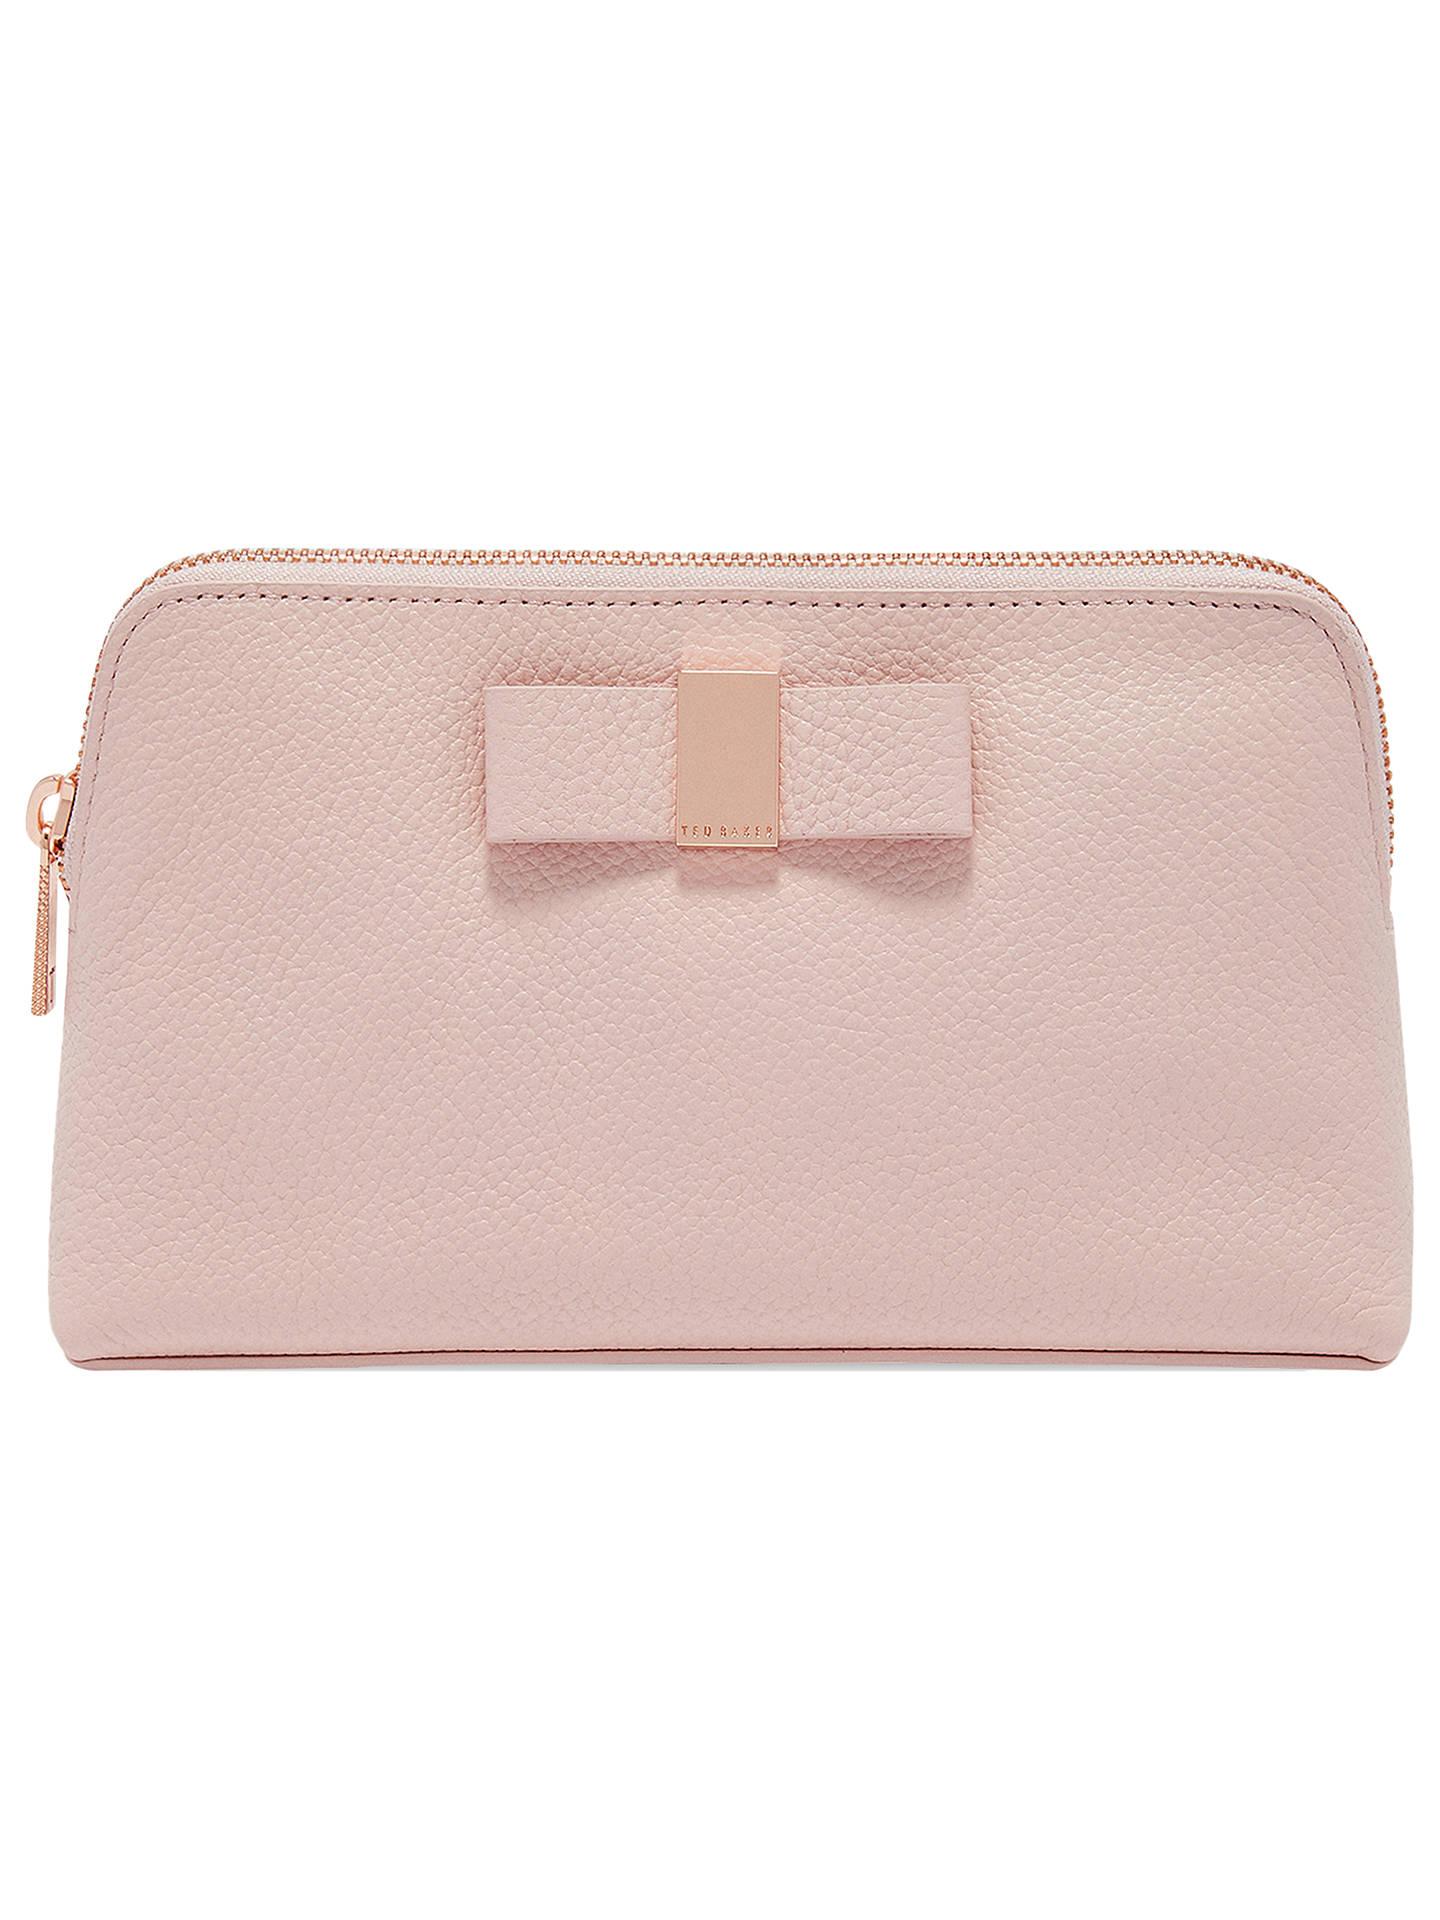 8a9550a771 Buy Ted Baker Dennis Leather Bow Makeup Bag, Light Pink Online at  johnlewis.com ...